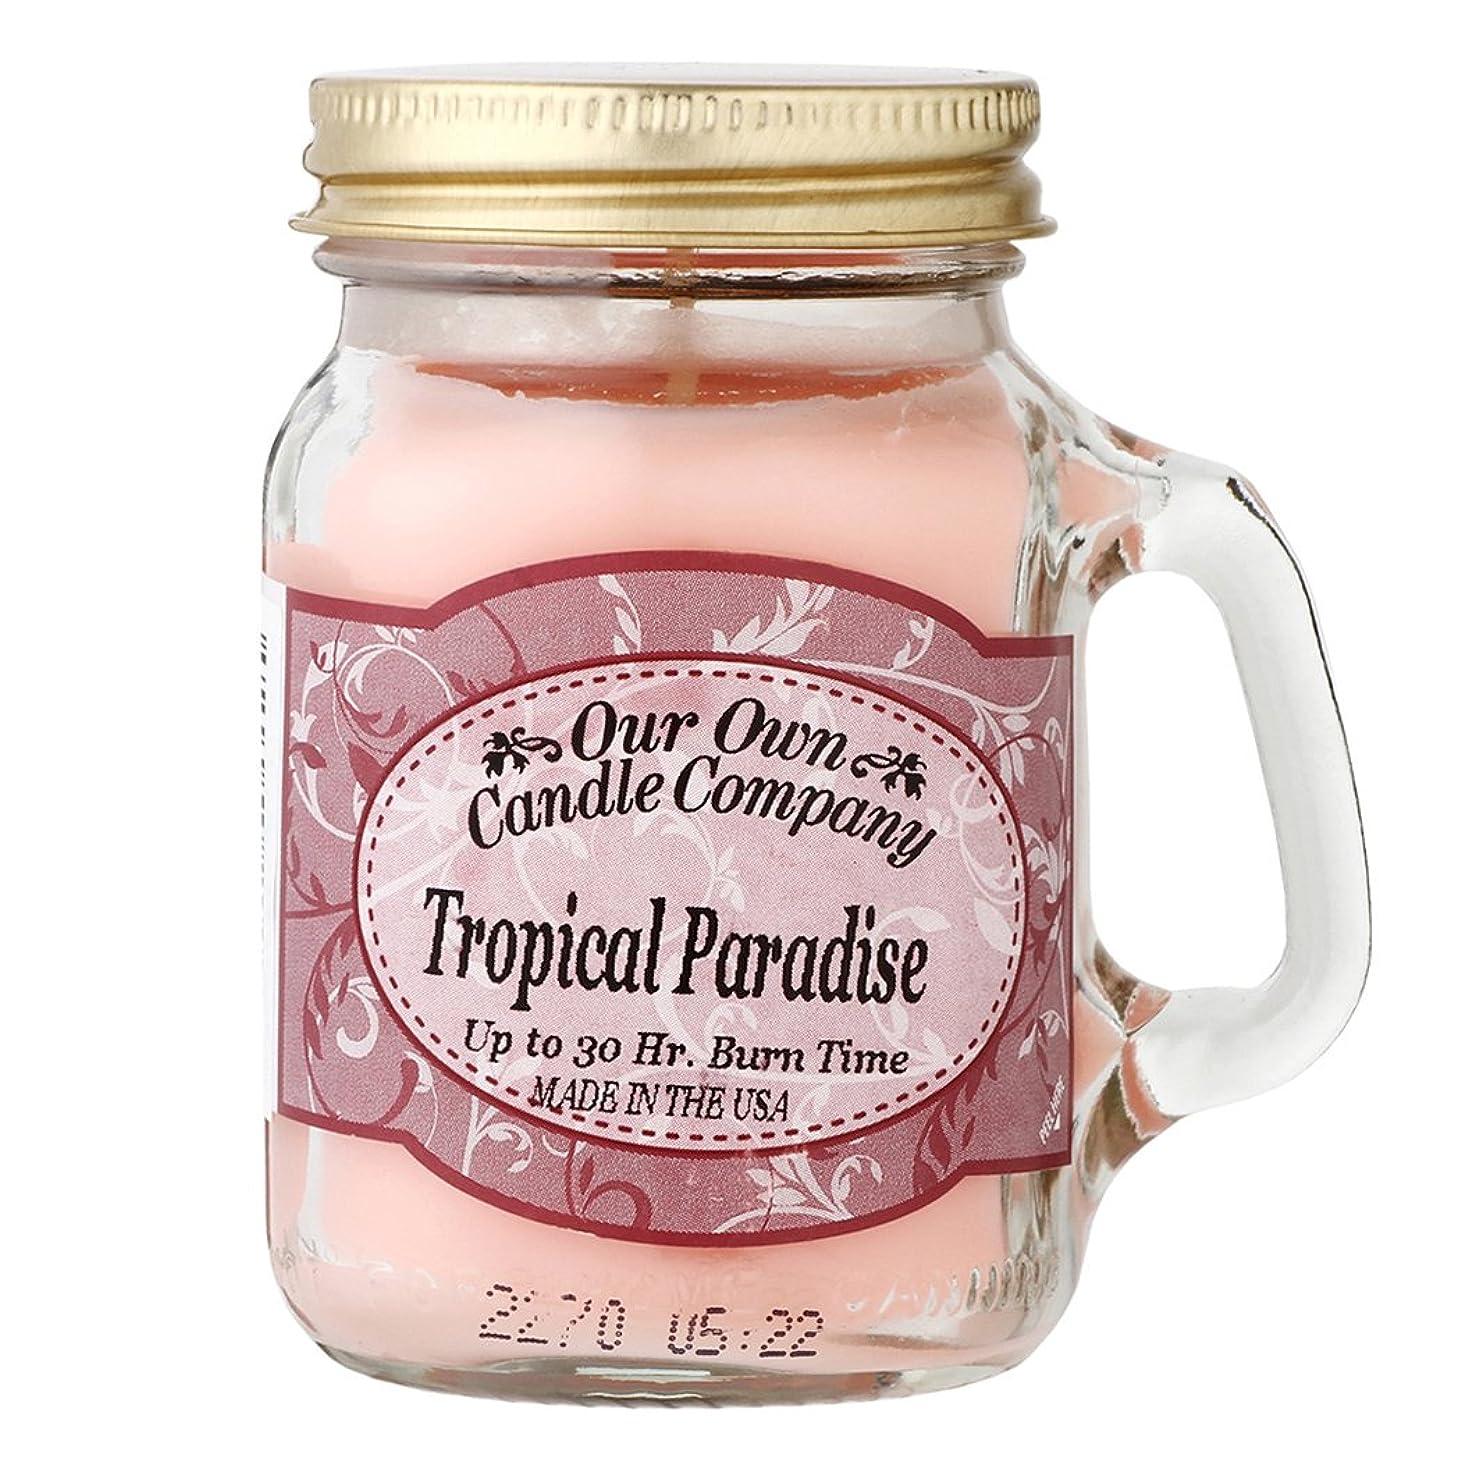 保証金キャンバス押し下げるOur Own Candle Company メイソンジャーキャンドル ミニサイズ トロピカルパラダイス OU200120